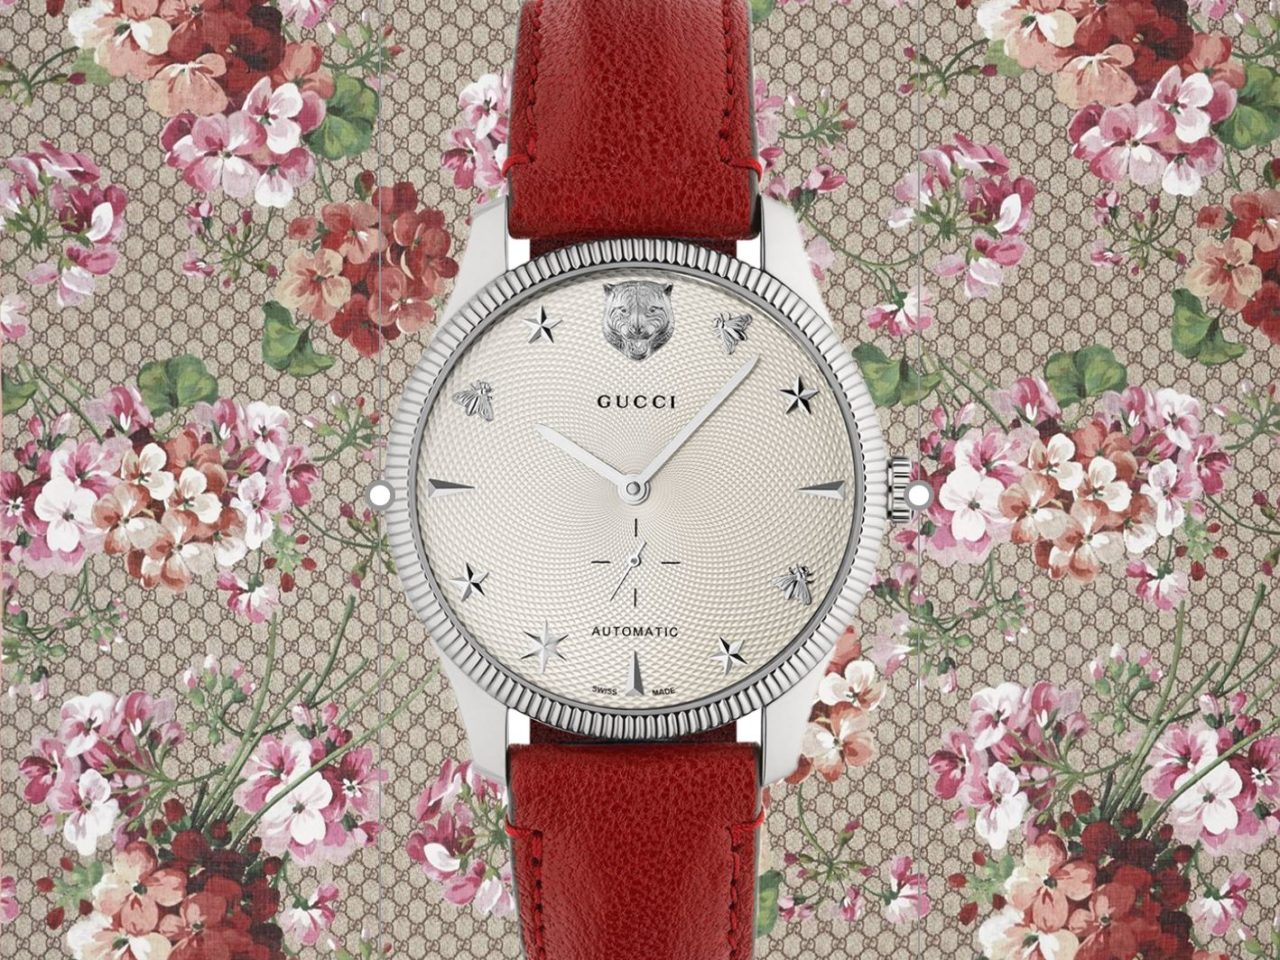 Mode und mechanische Uhr – das muss kein Widerspruch sein.